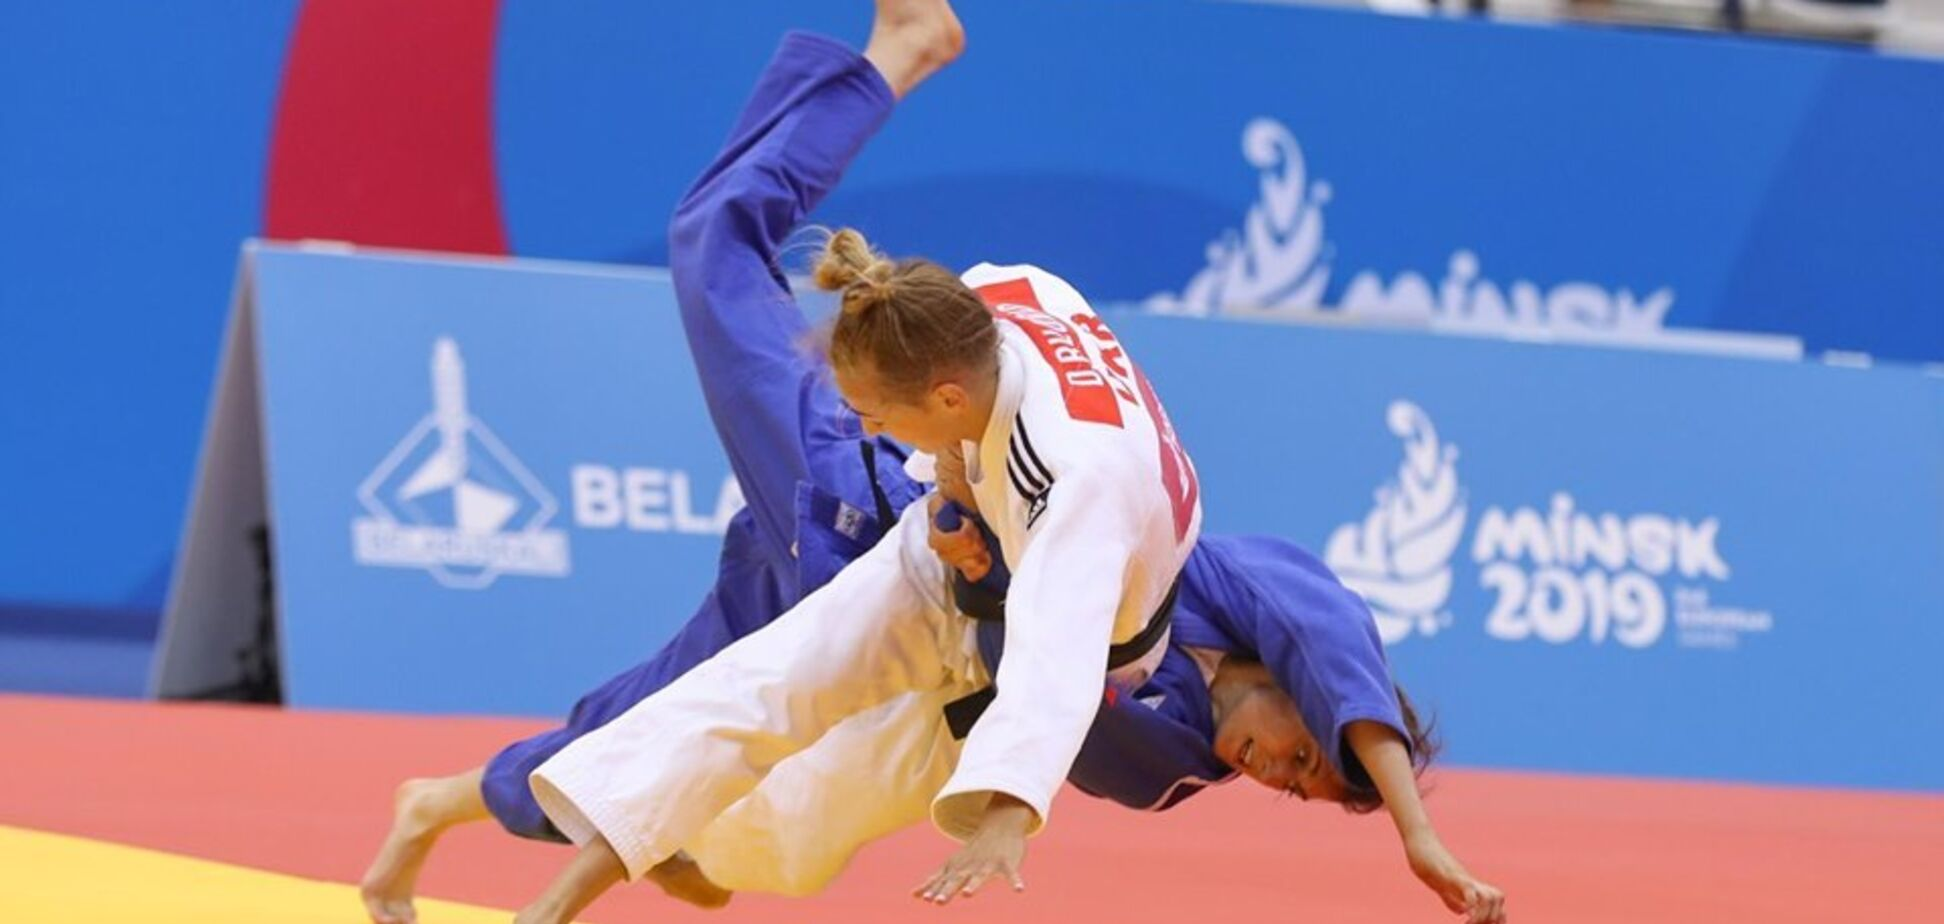 Украинка Белодед завоевала 'золото' Европейских игр, победив россиянку